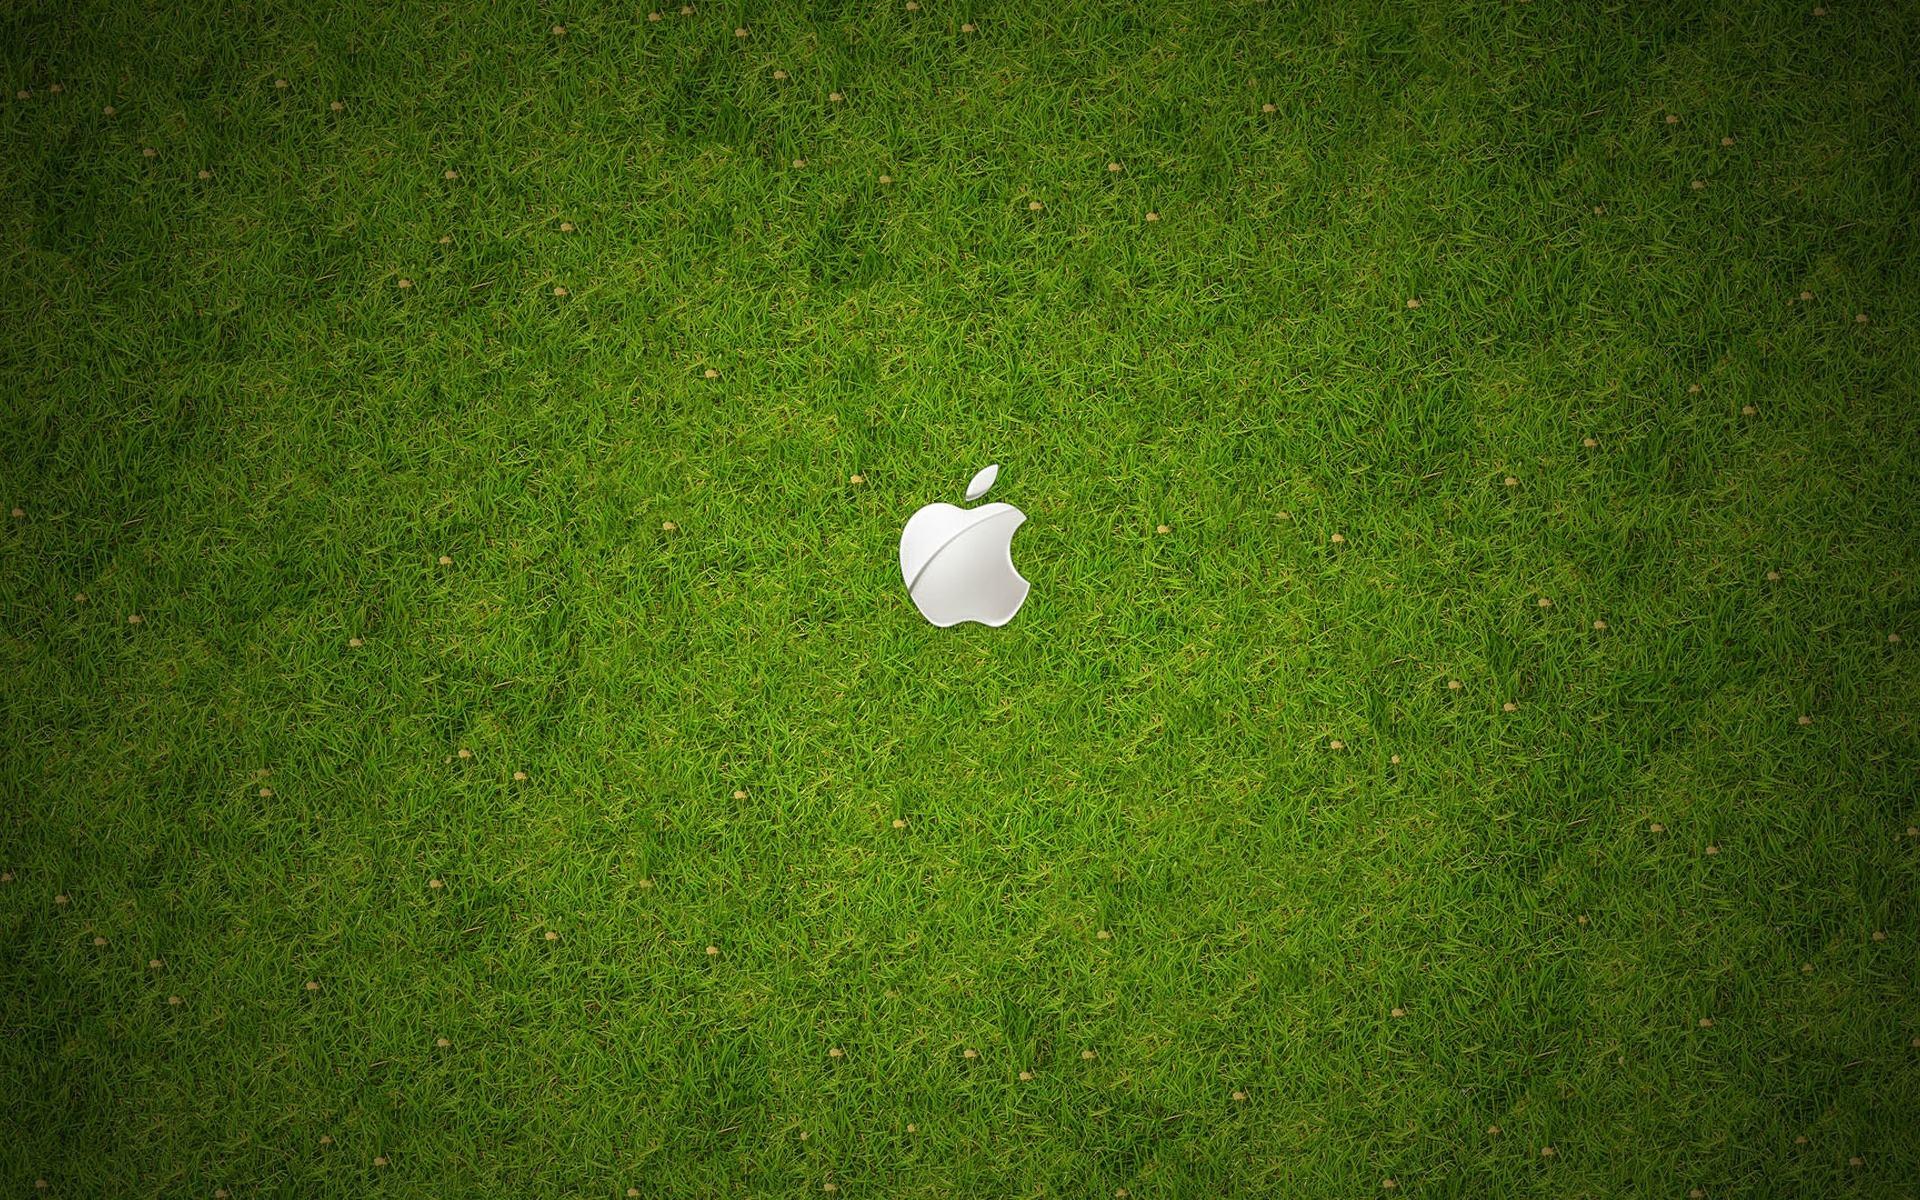 apple обои: